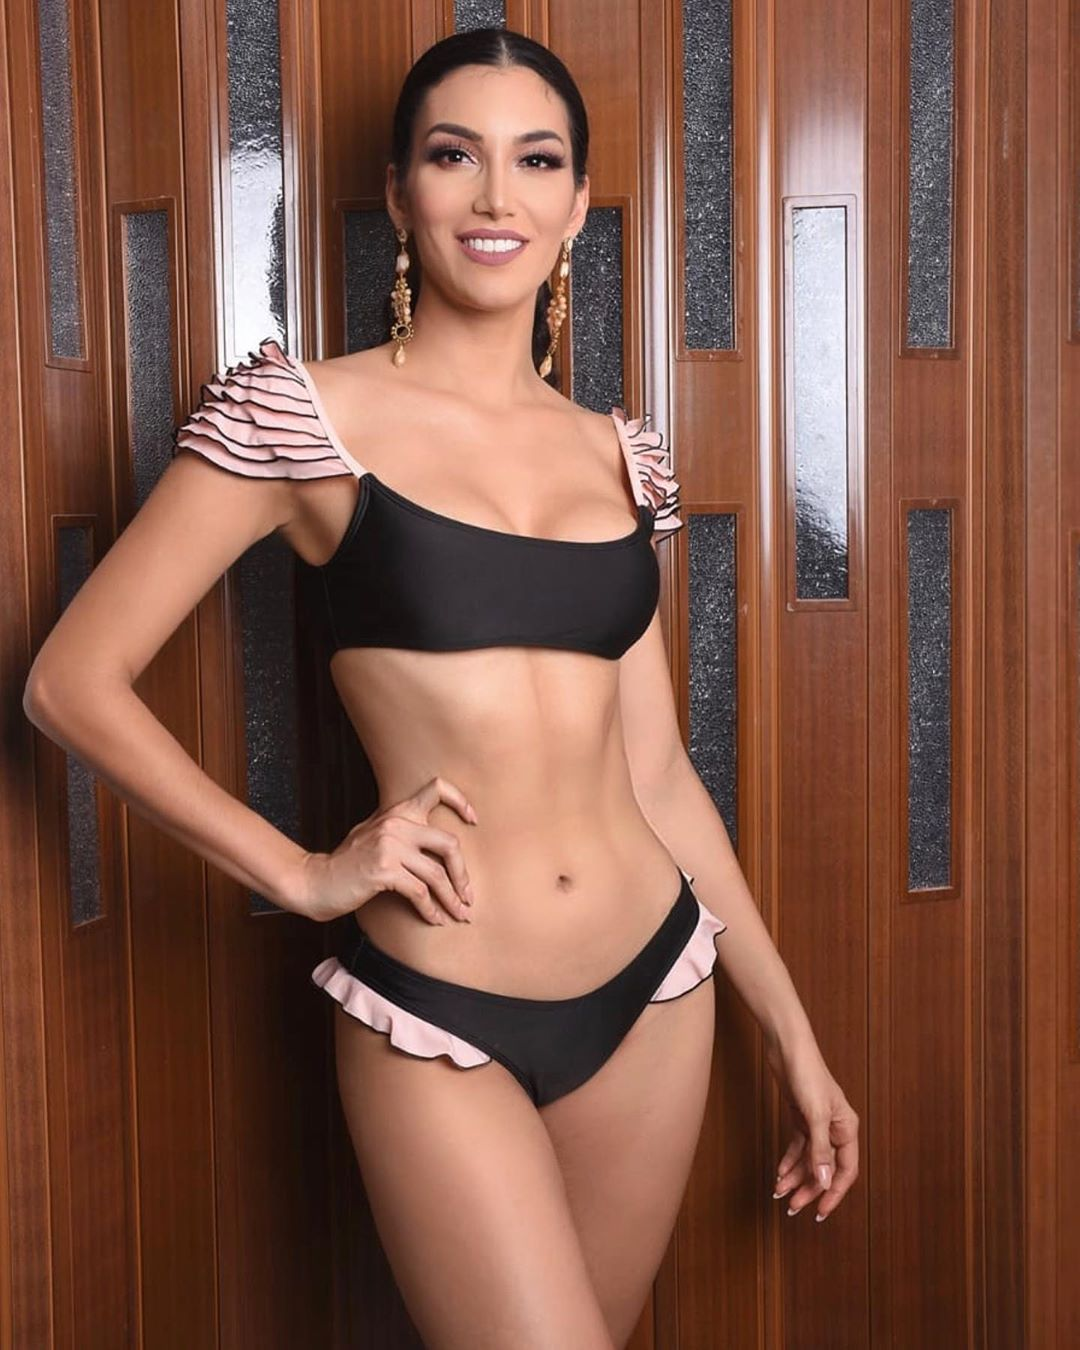 georgina vargas, candidata a miss mexico 2020, representando coahuila. 10271010